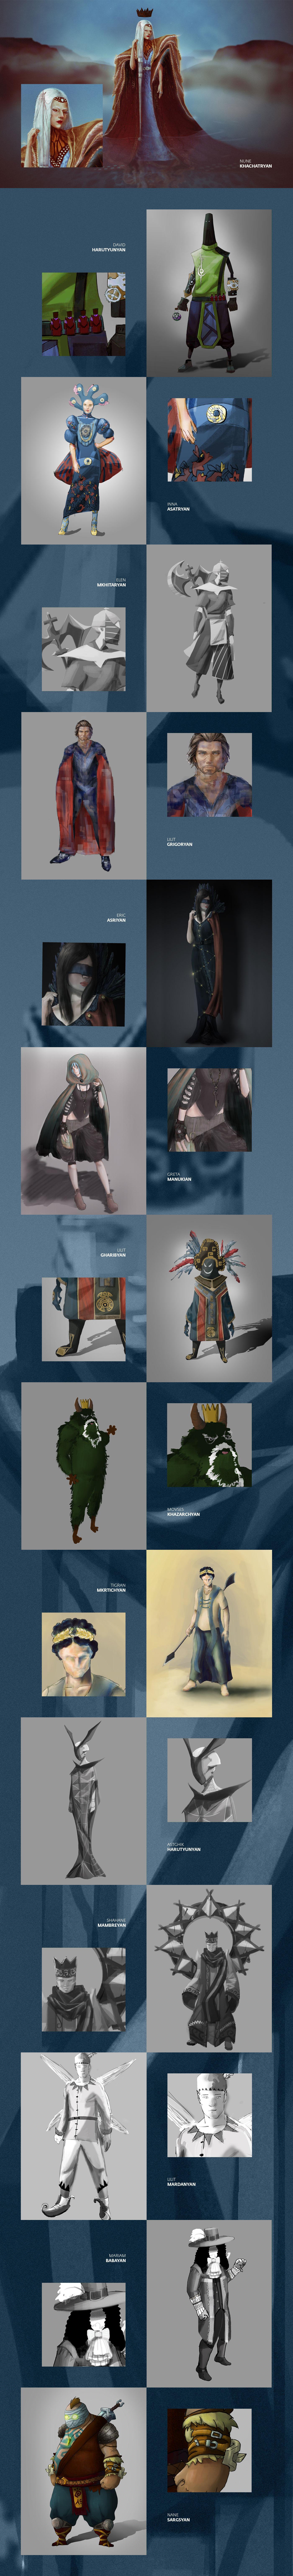 189df249731185.58beac60e6cb7 - Վիդեոխաղերի հերոսների կոնցեպտ դիզայն Արման Հակոբյանի հետ